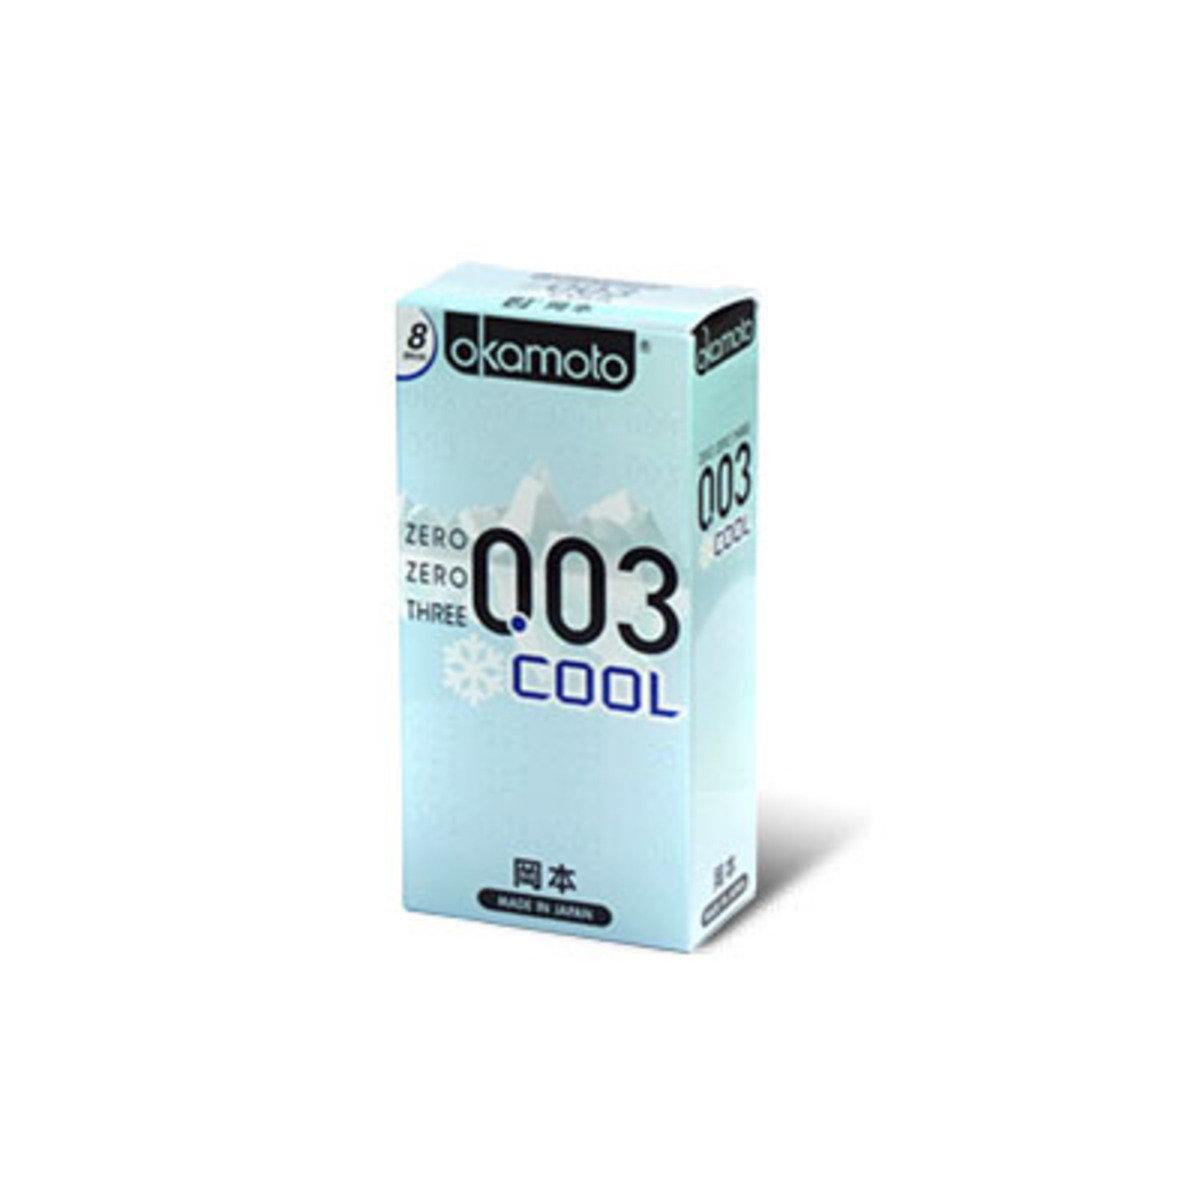 岡本 0.03 冰涼 8 片裝 乳膠安全套